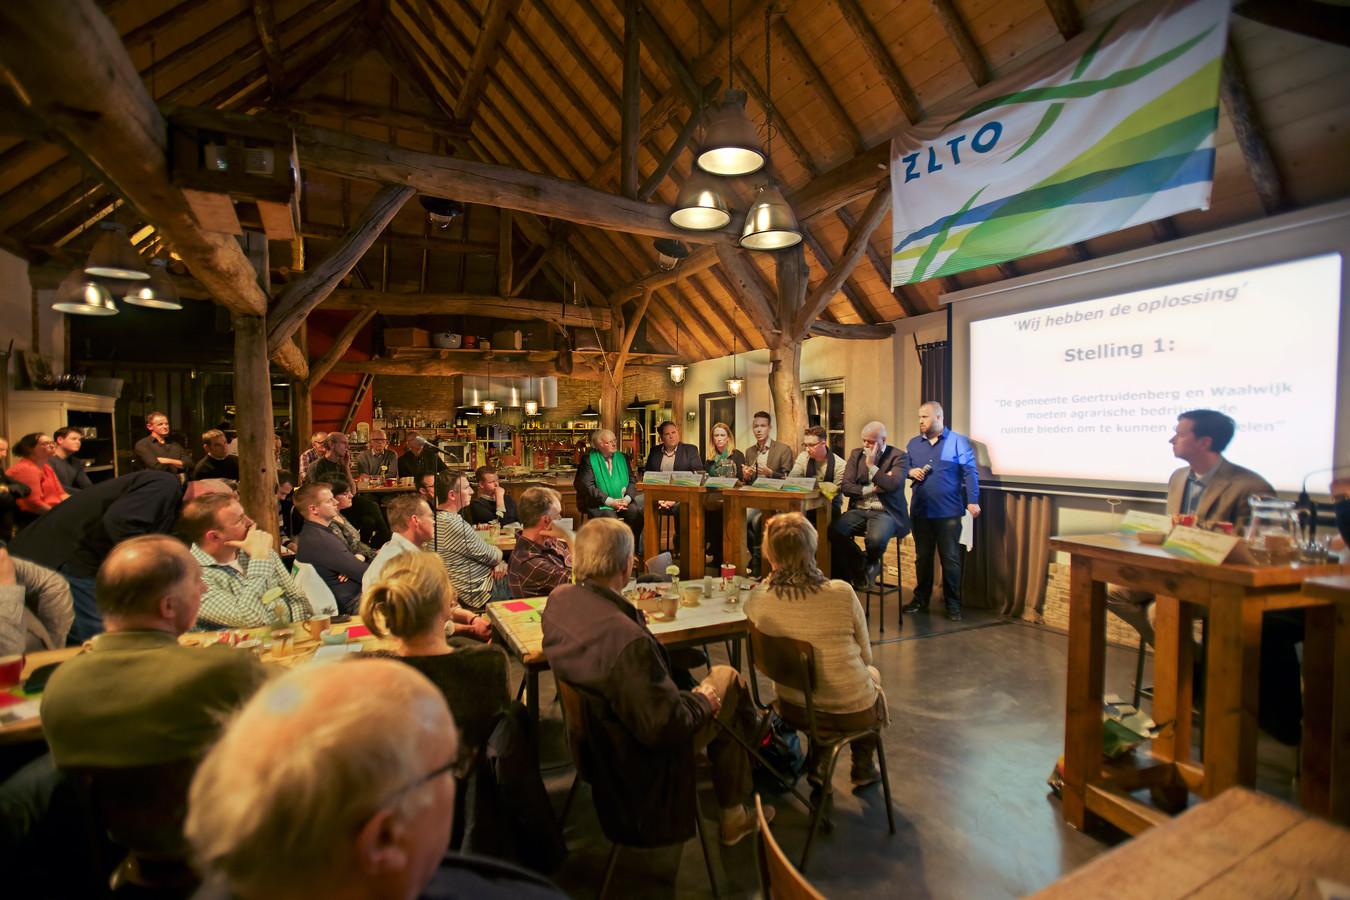 Politiek debat van ZLTO, afdeling Waalwijk en Geertruidenberg, bij De Stek in Raamsdonksveer.